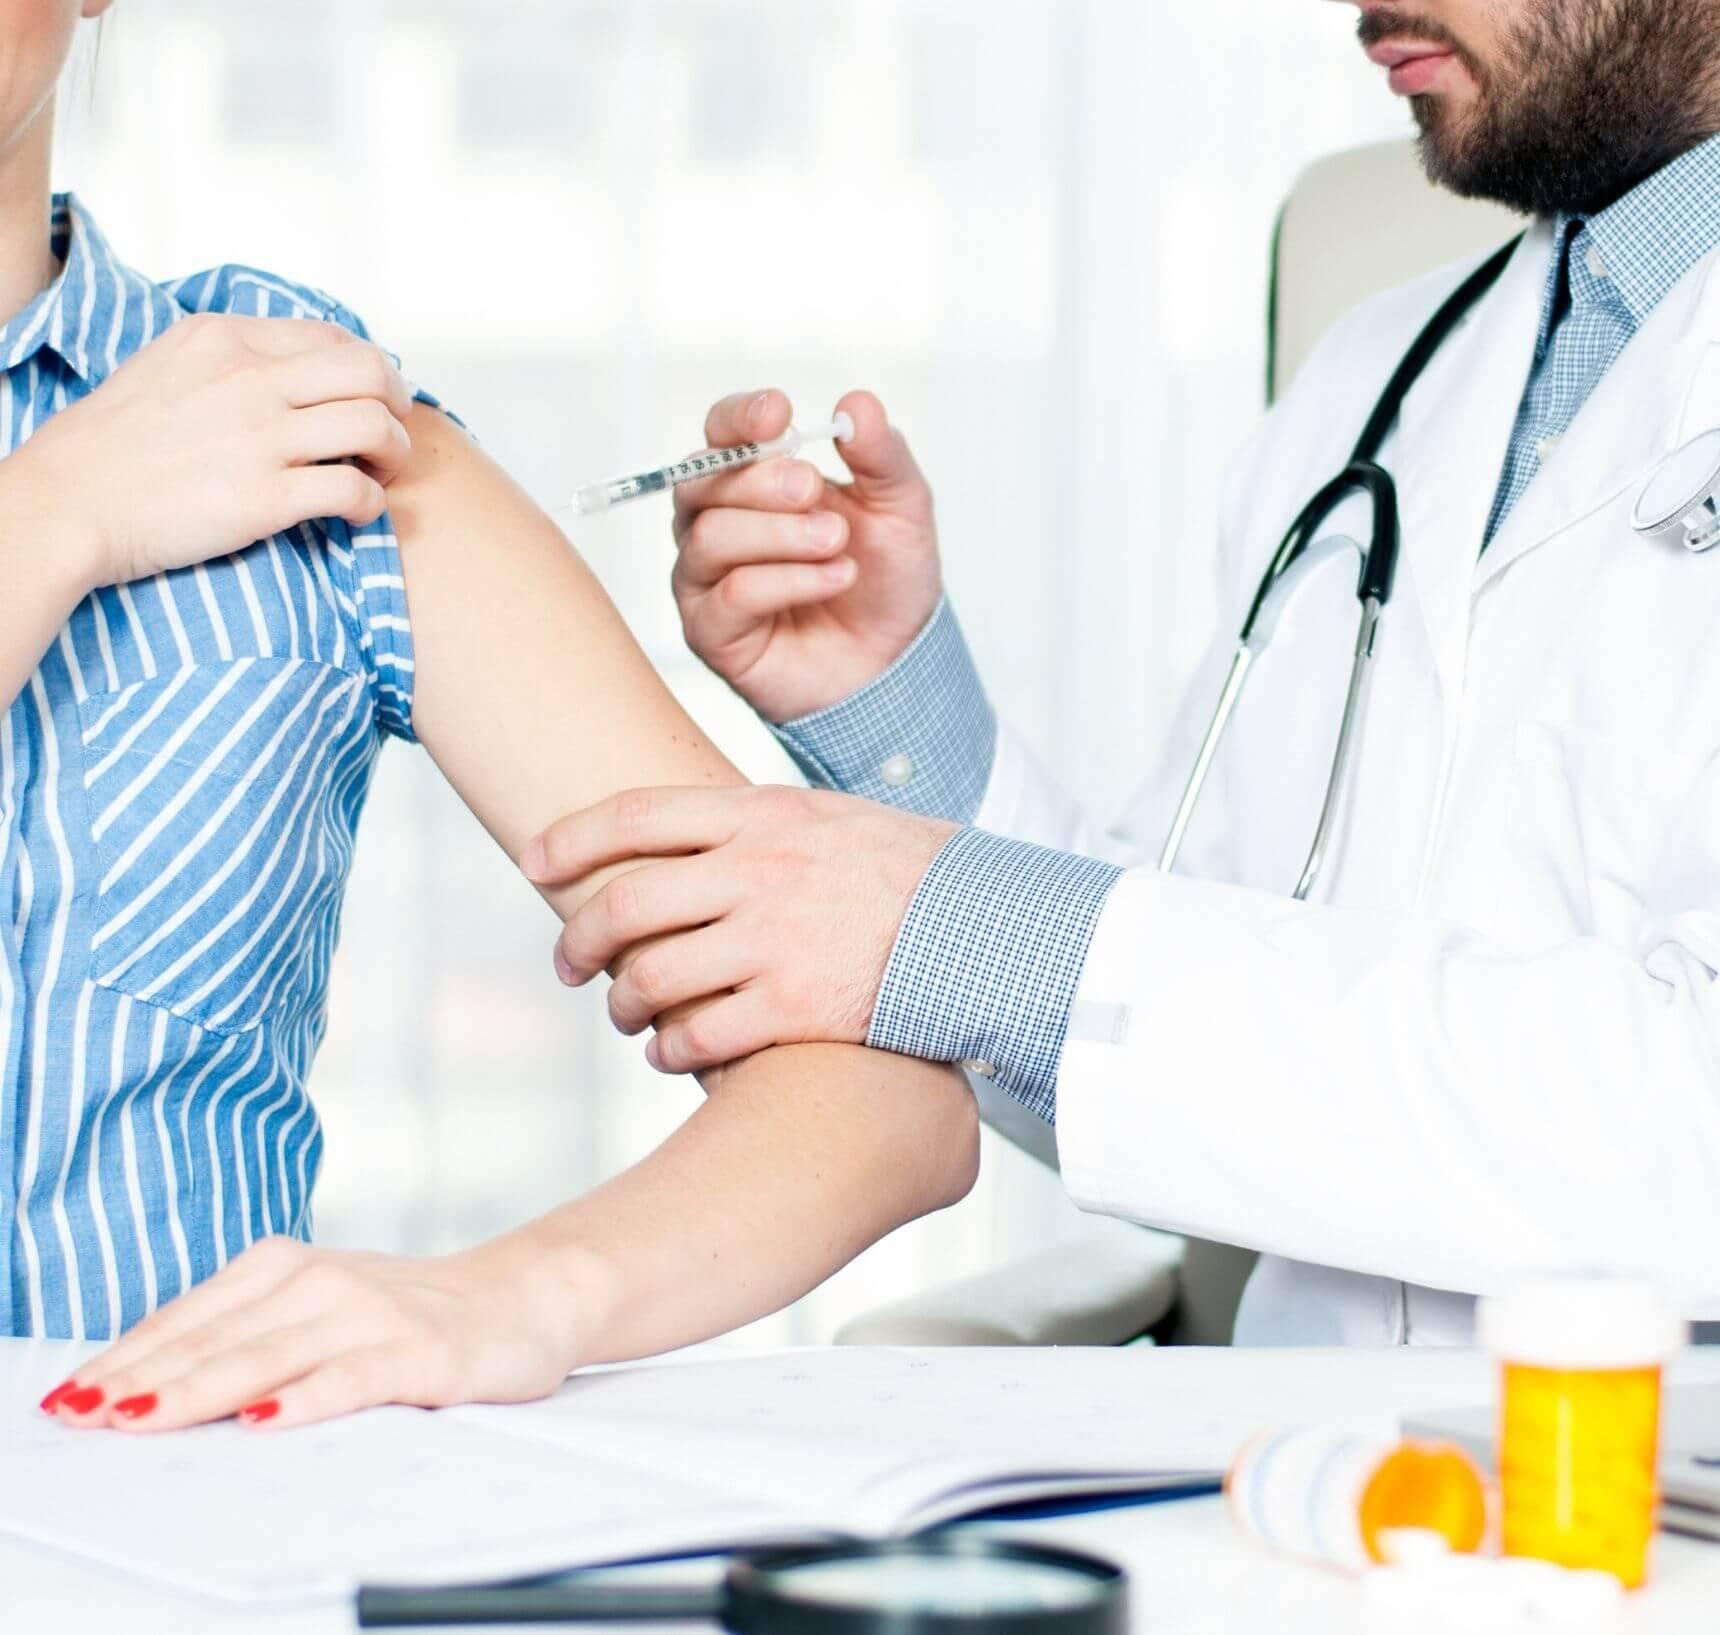 auto-immuunziekten